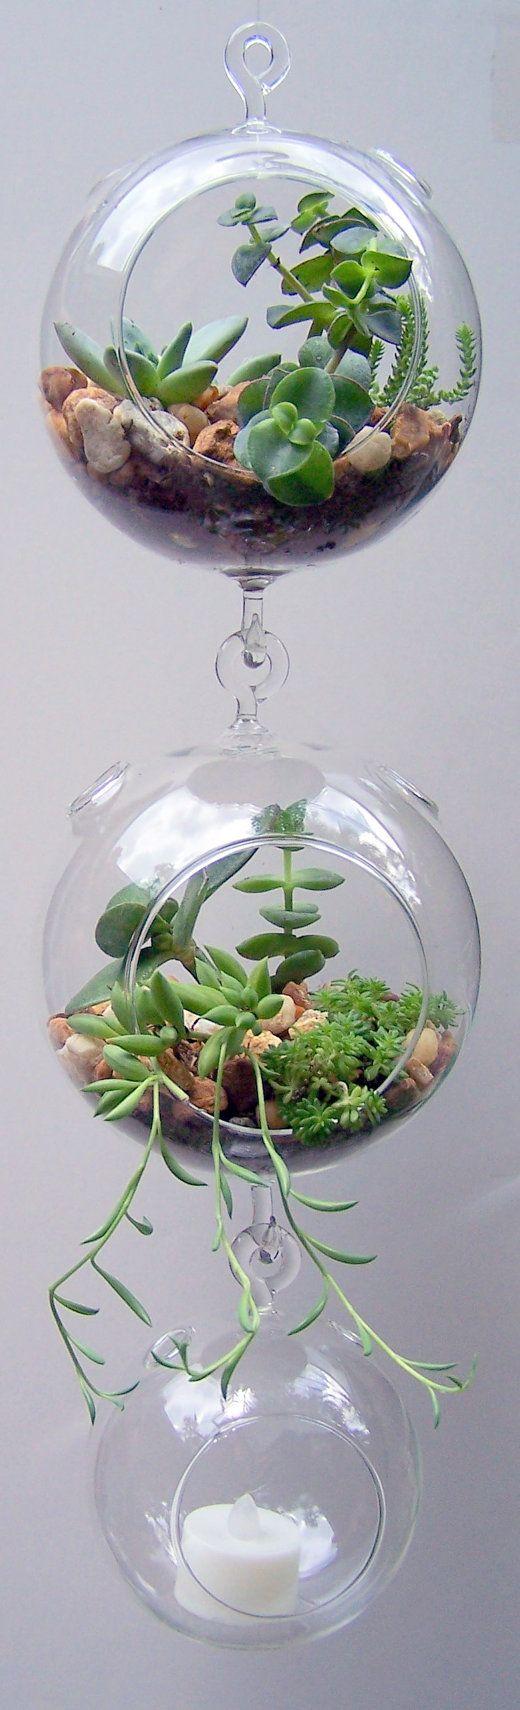 Vidrio de terrario con suculentas jardinería Vertical DIY Kit doble gancho doble